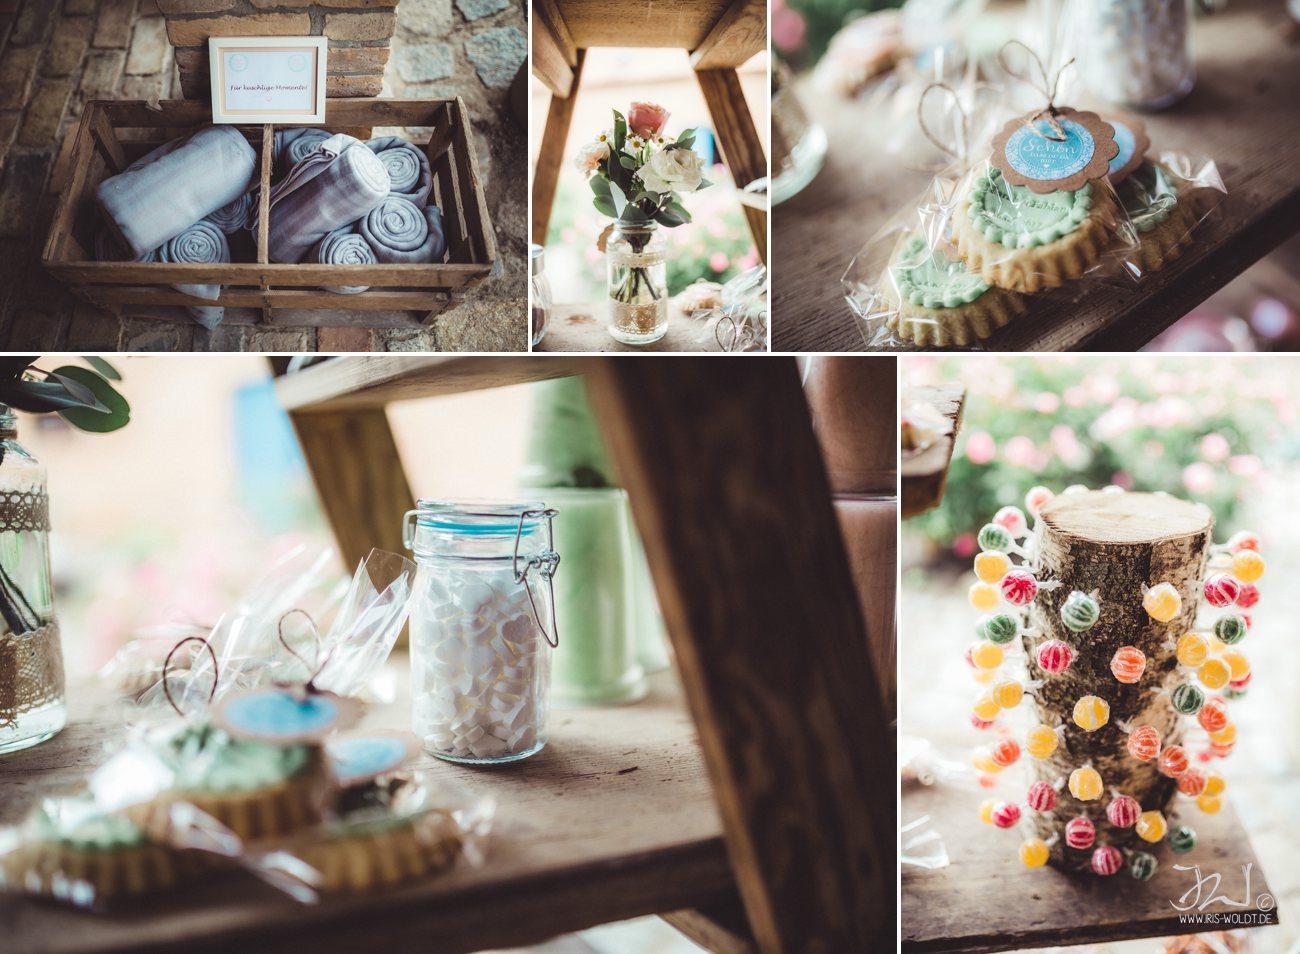 Hochzeitsfotograf_Altthymen_MuehleTornow_IrisWoldt 61